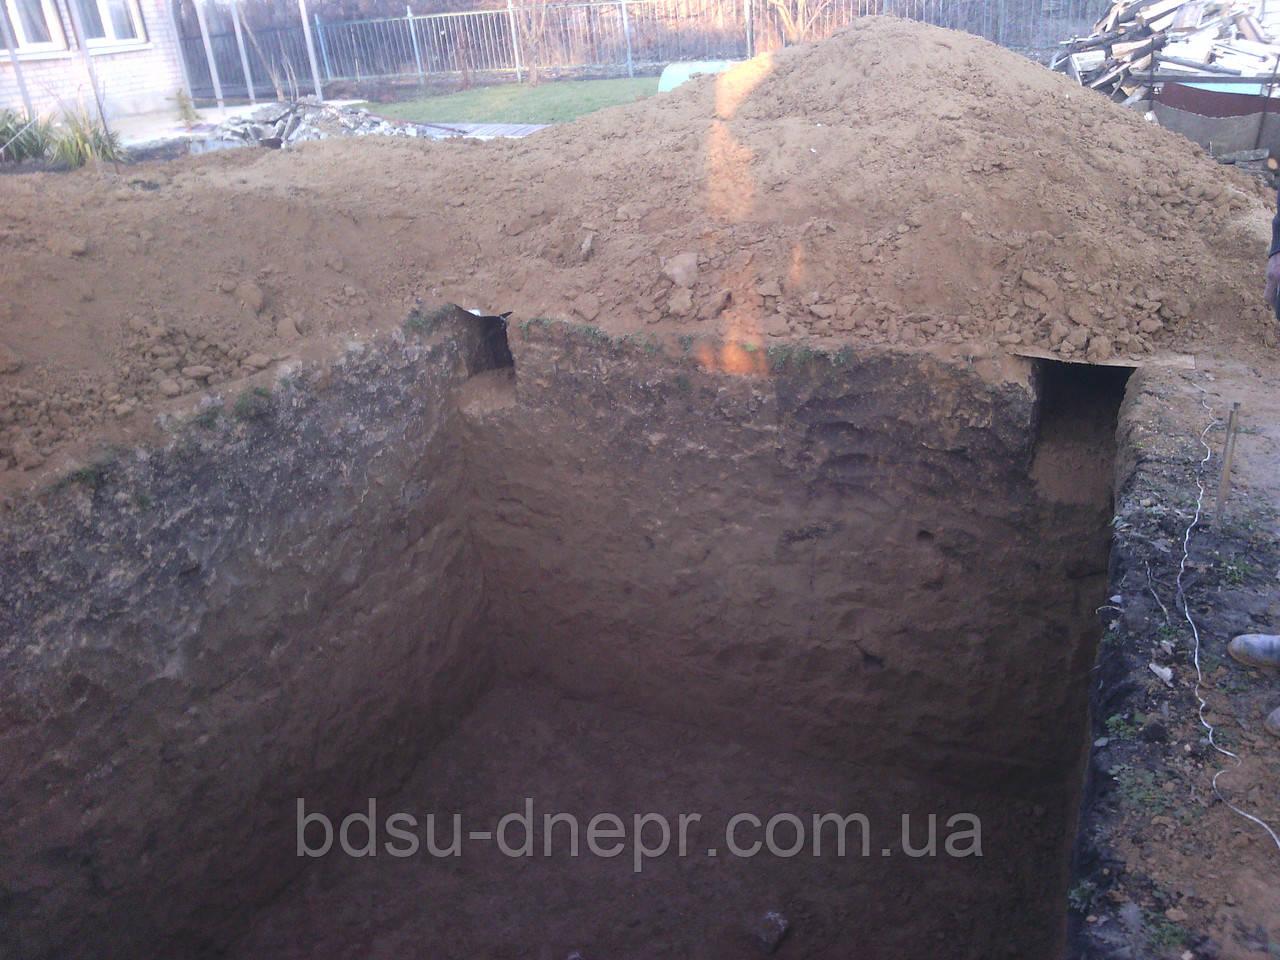 Земляные работы в Днепропетровске вручную